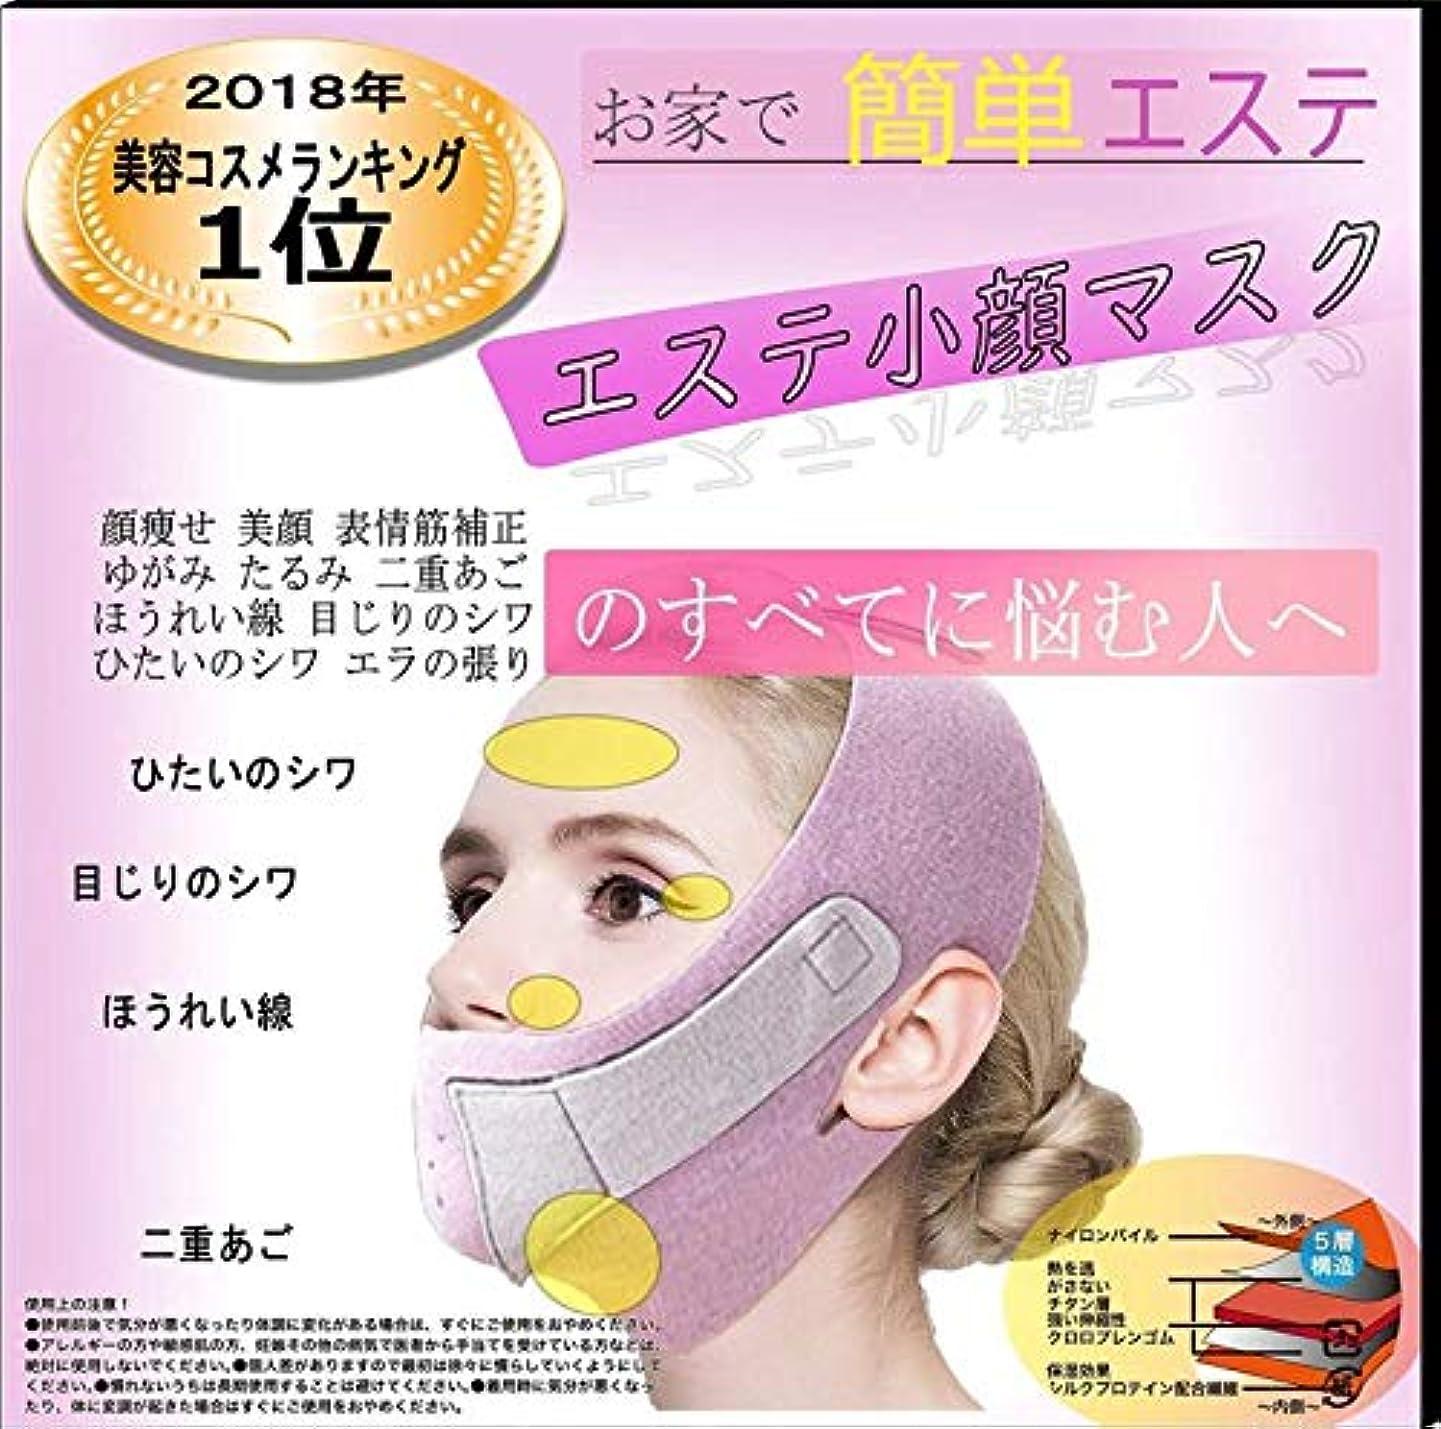 まさに申請者大フェイスラインベルト 引き上げマスク 弾力V-ラインマスク 引っ張る 額、顎下、頬リフトアップ 小顔 美顔 矯正 顔痩せ 最新型 小顔マスク 豊齢線予防 頬のたるみ 抗シワ 美顔 Lサイズ ピンク